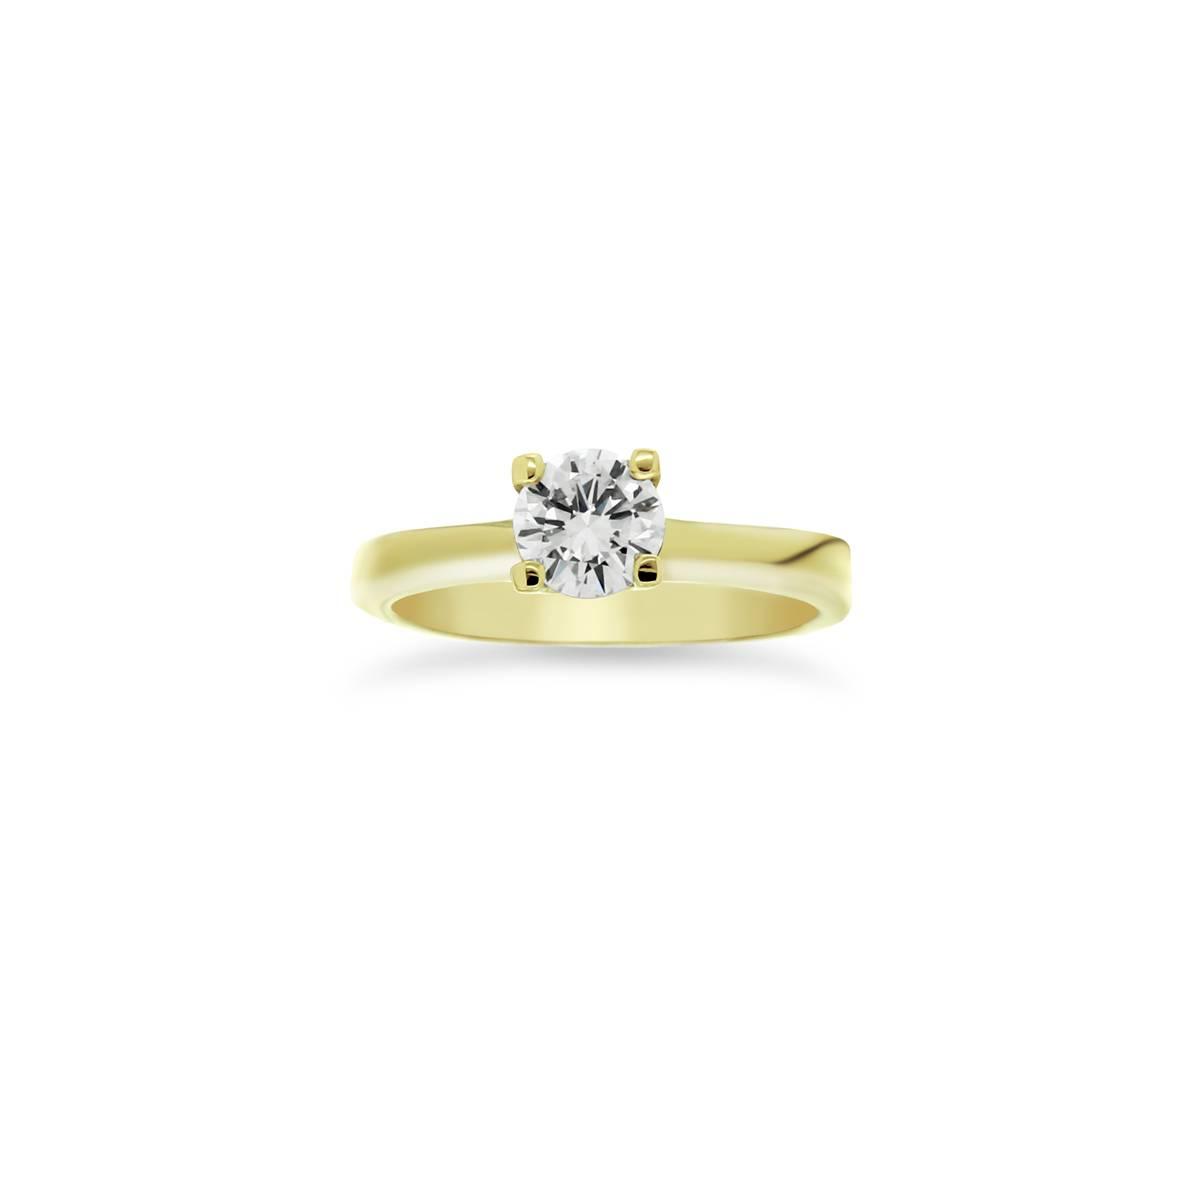 Sárga arany solitaire gyűrű gyémánt kővel